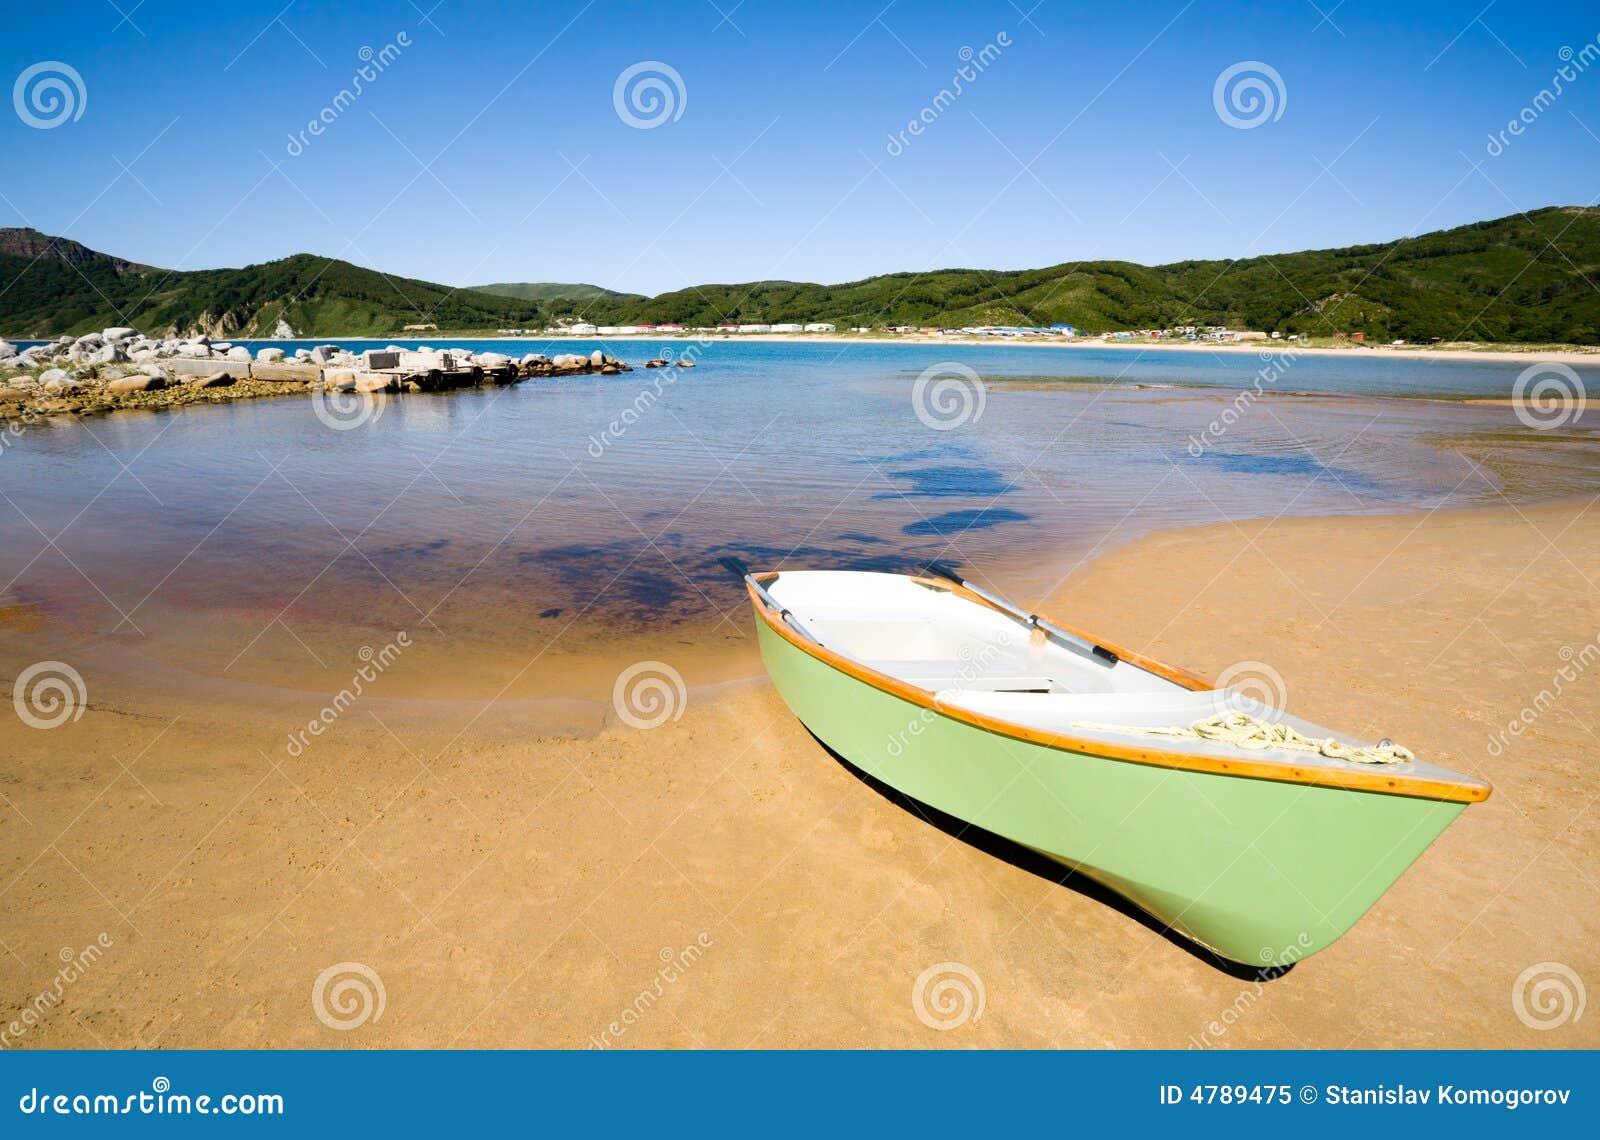 Boat.sea.gulf